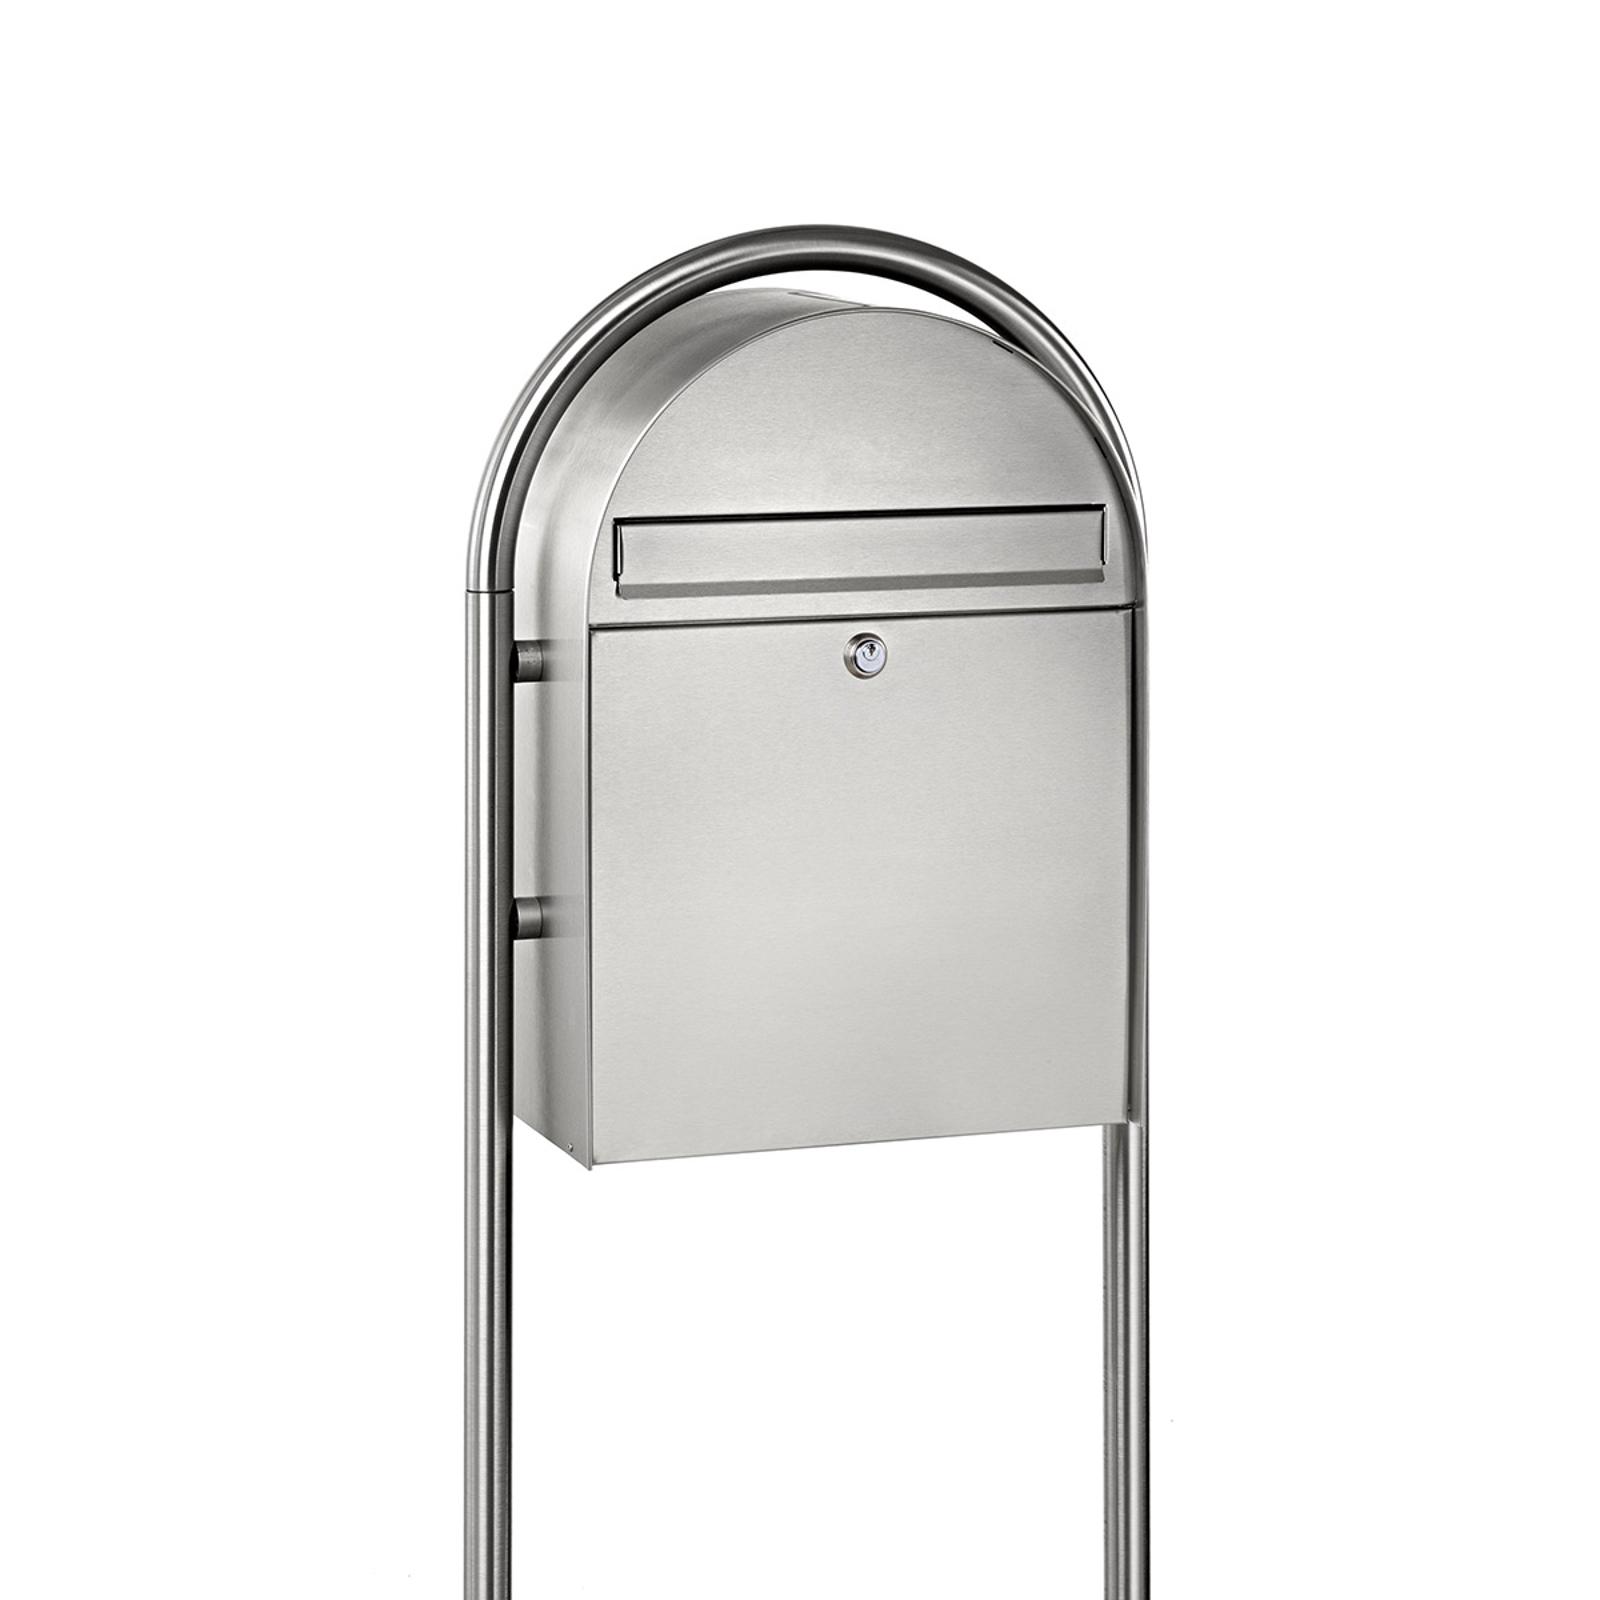 Rundbågsstativ 3785 Ni av rostfritt stål 44,3 cm